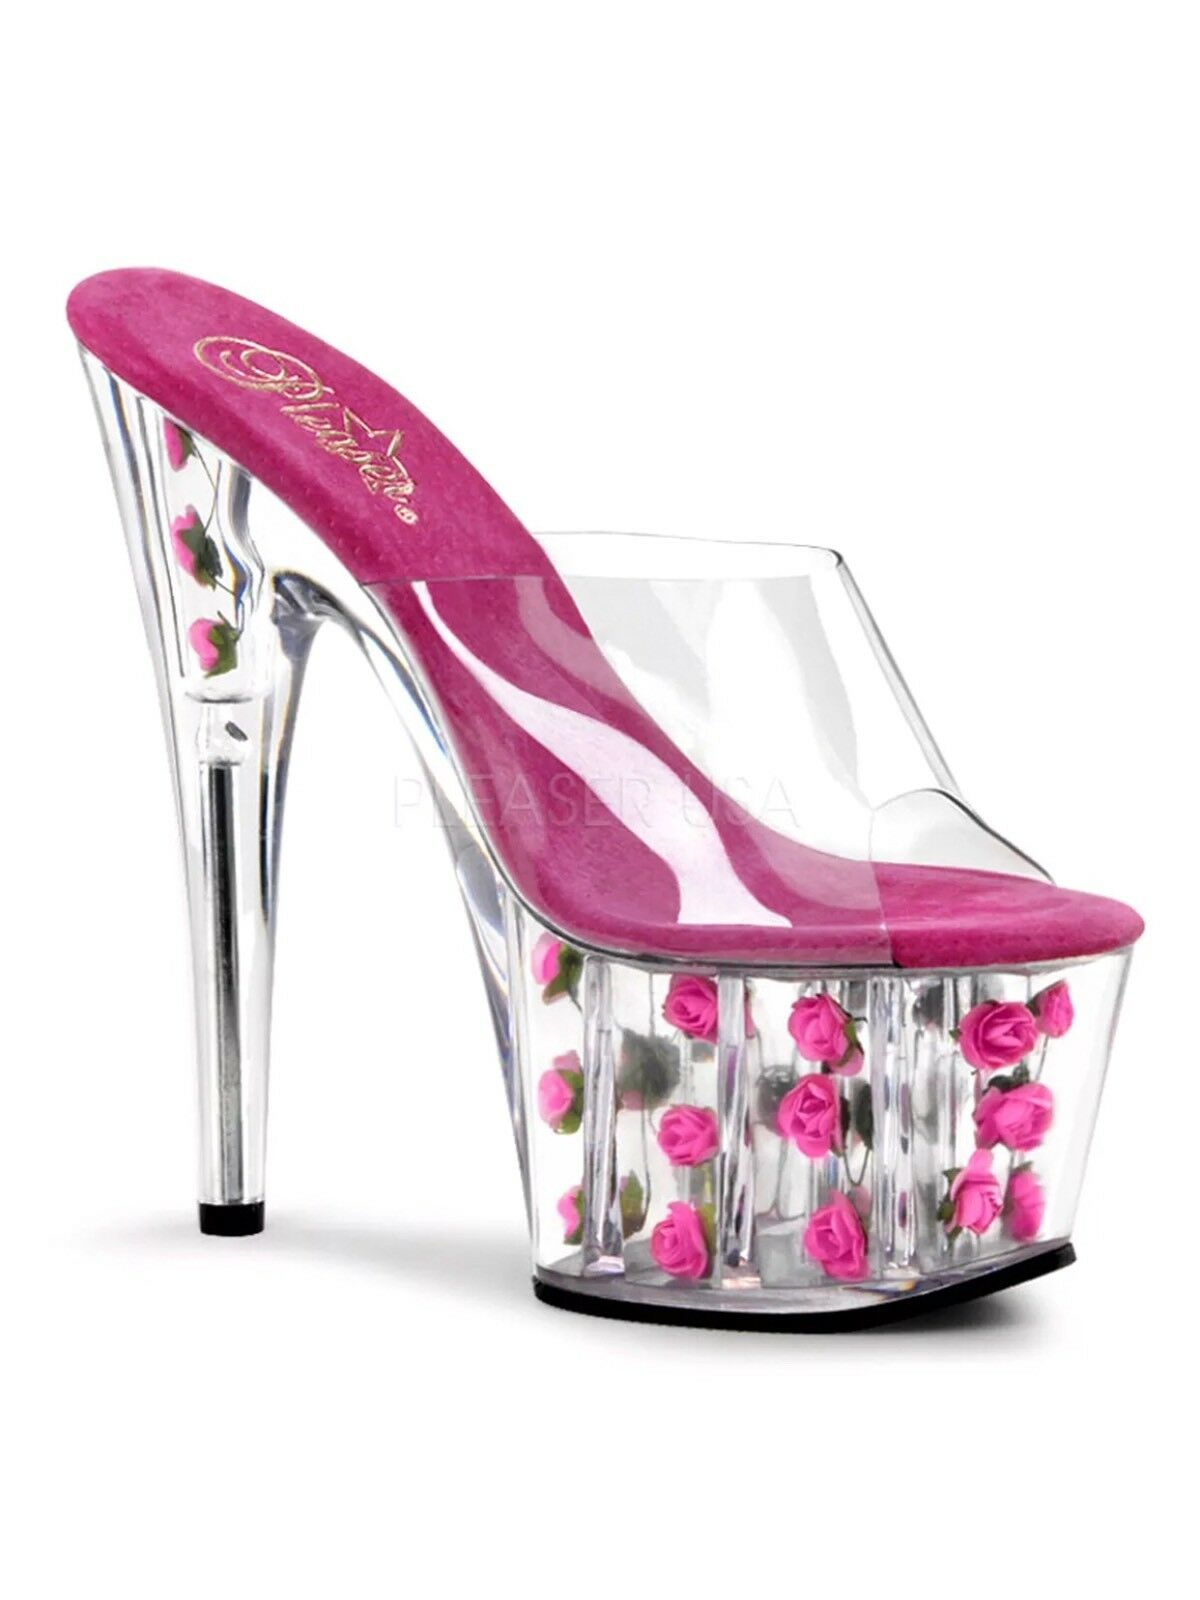 New Exotic Größe 9 Stripper Stripper Stripper Dancer Stiletto platform Rosa Rosa Heels 7 Inches ee52e4